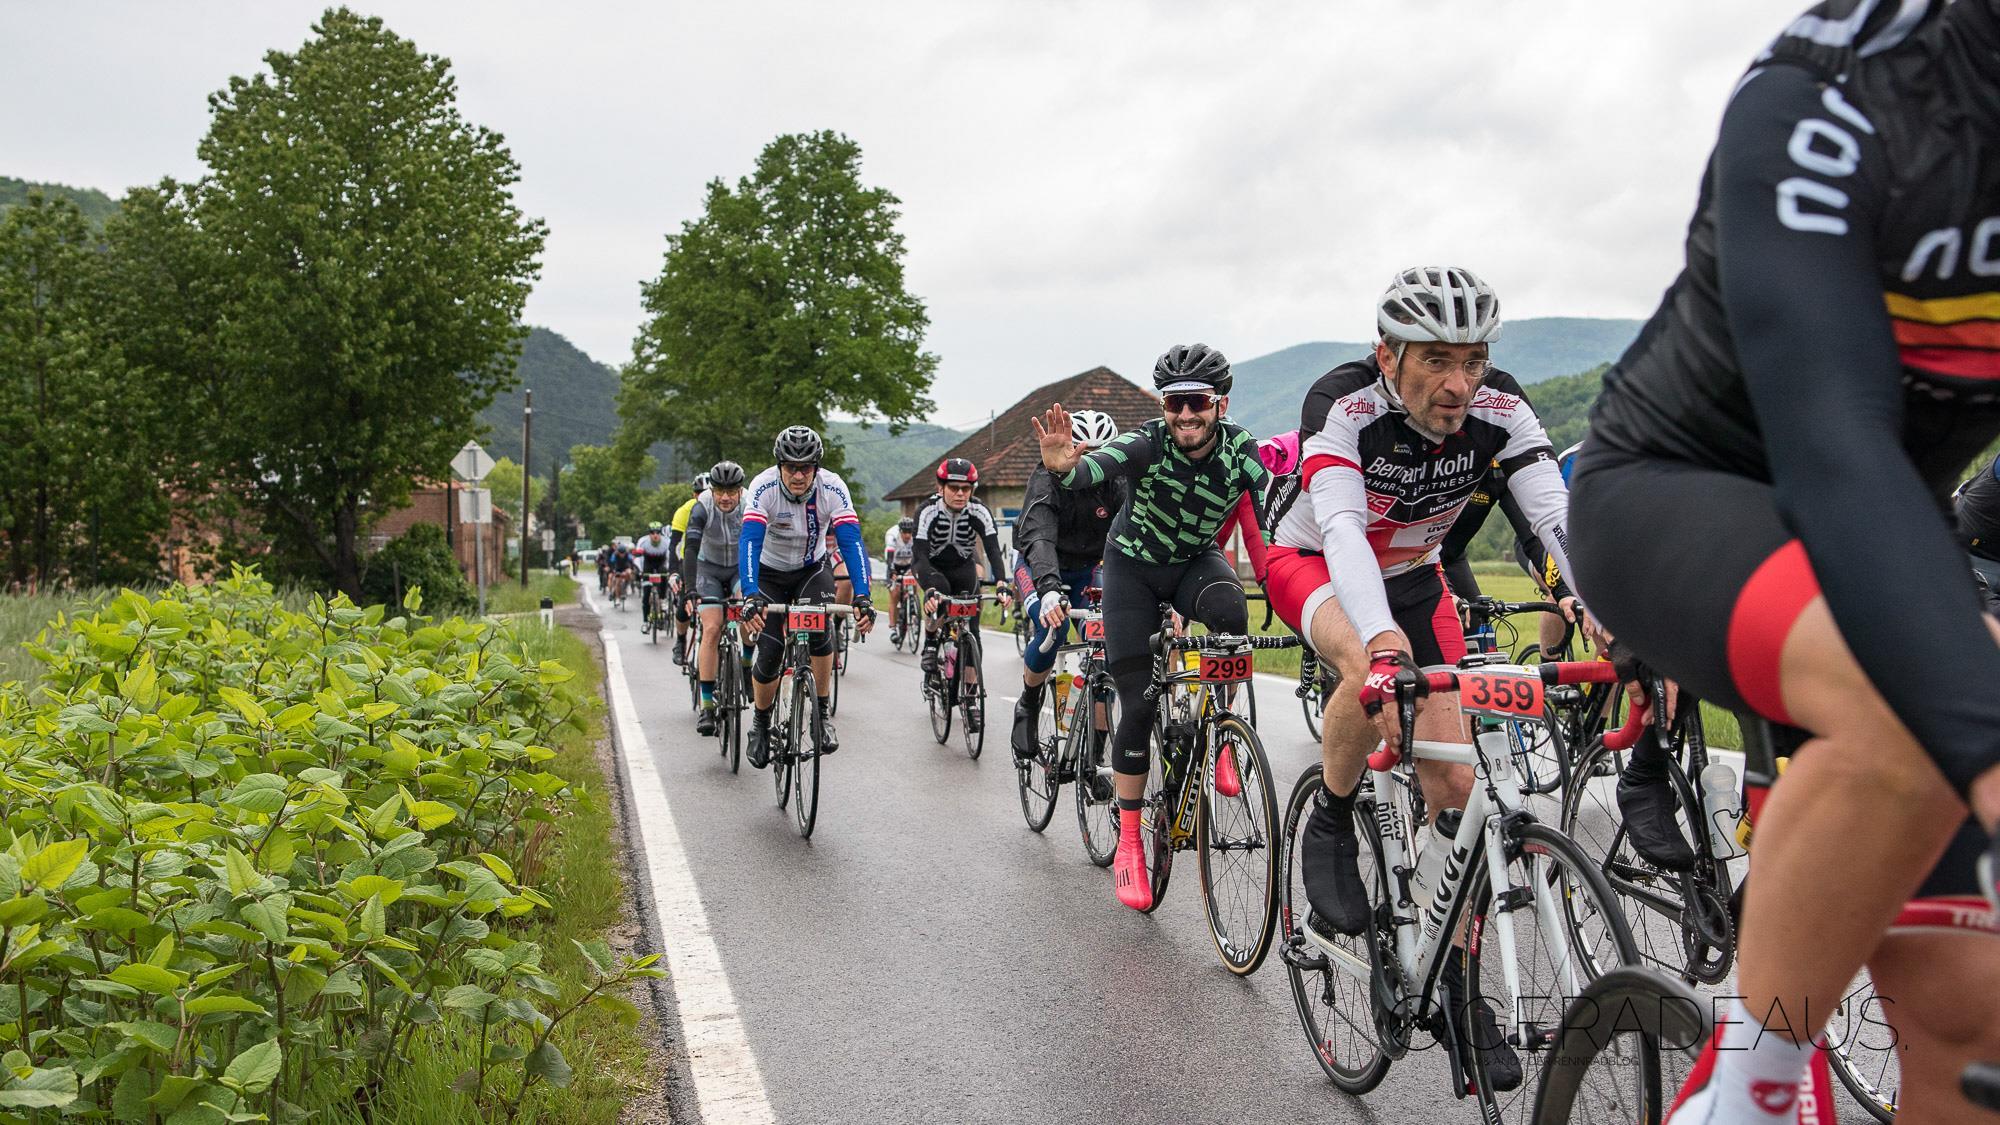 VeloRun, Gewinnspiel, VeloRun Radmarathon, Radmarathon, Baden, Niederösterreich, Österreich, Rennradblog, Radblog, Rennrad, Rennen, Cycling, Velo, Run, 2017, Event, Eindrücke, Finischer